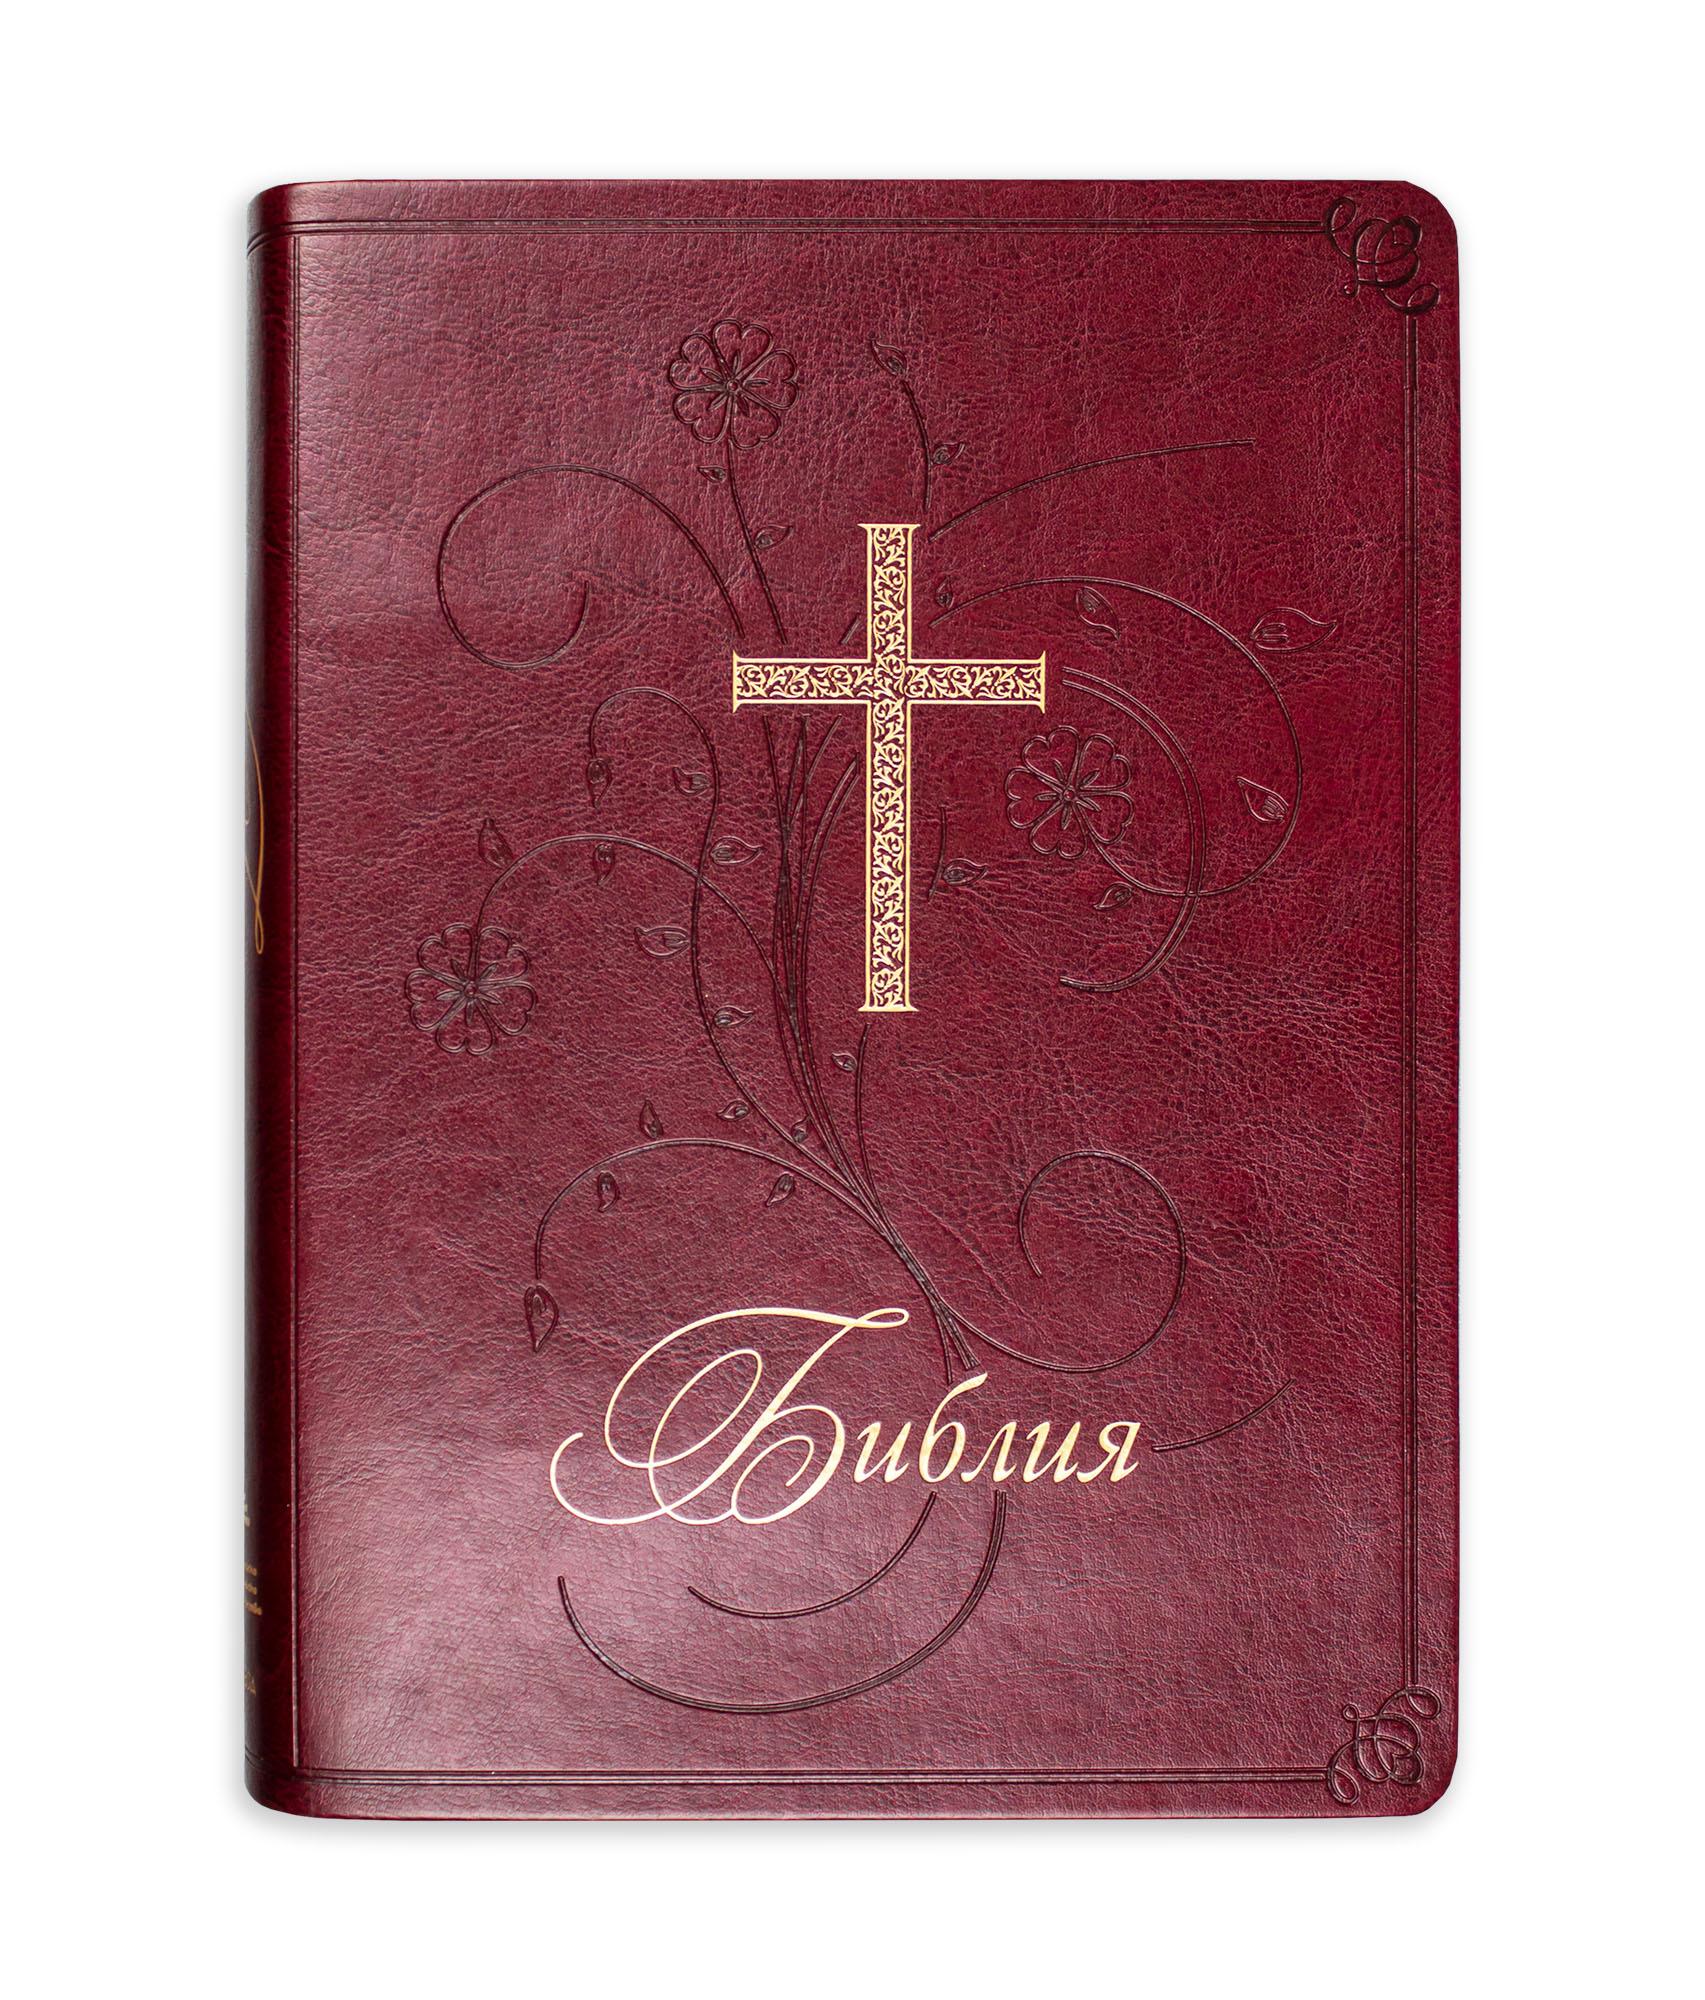 Библия (Нов превод от оригиниалните езици ББД) - луксозно издание в кутия